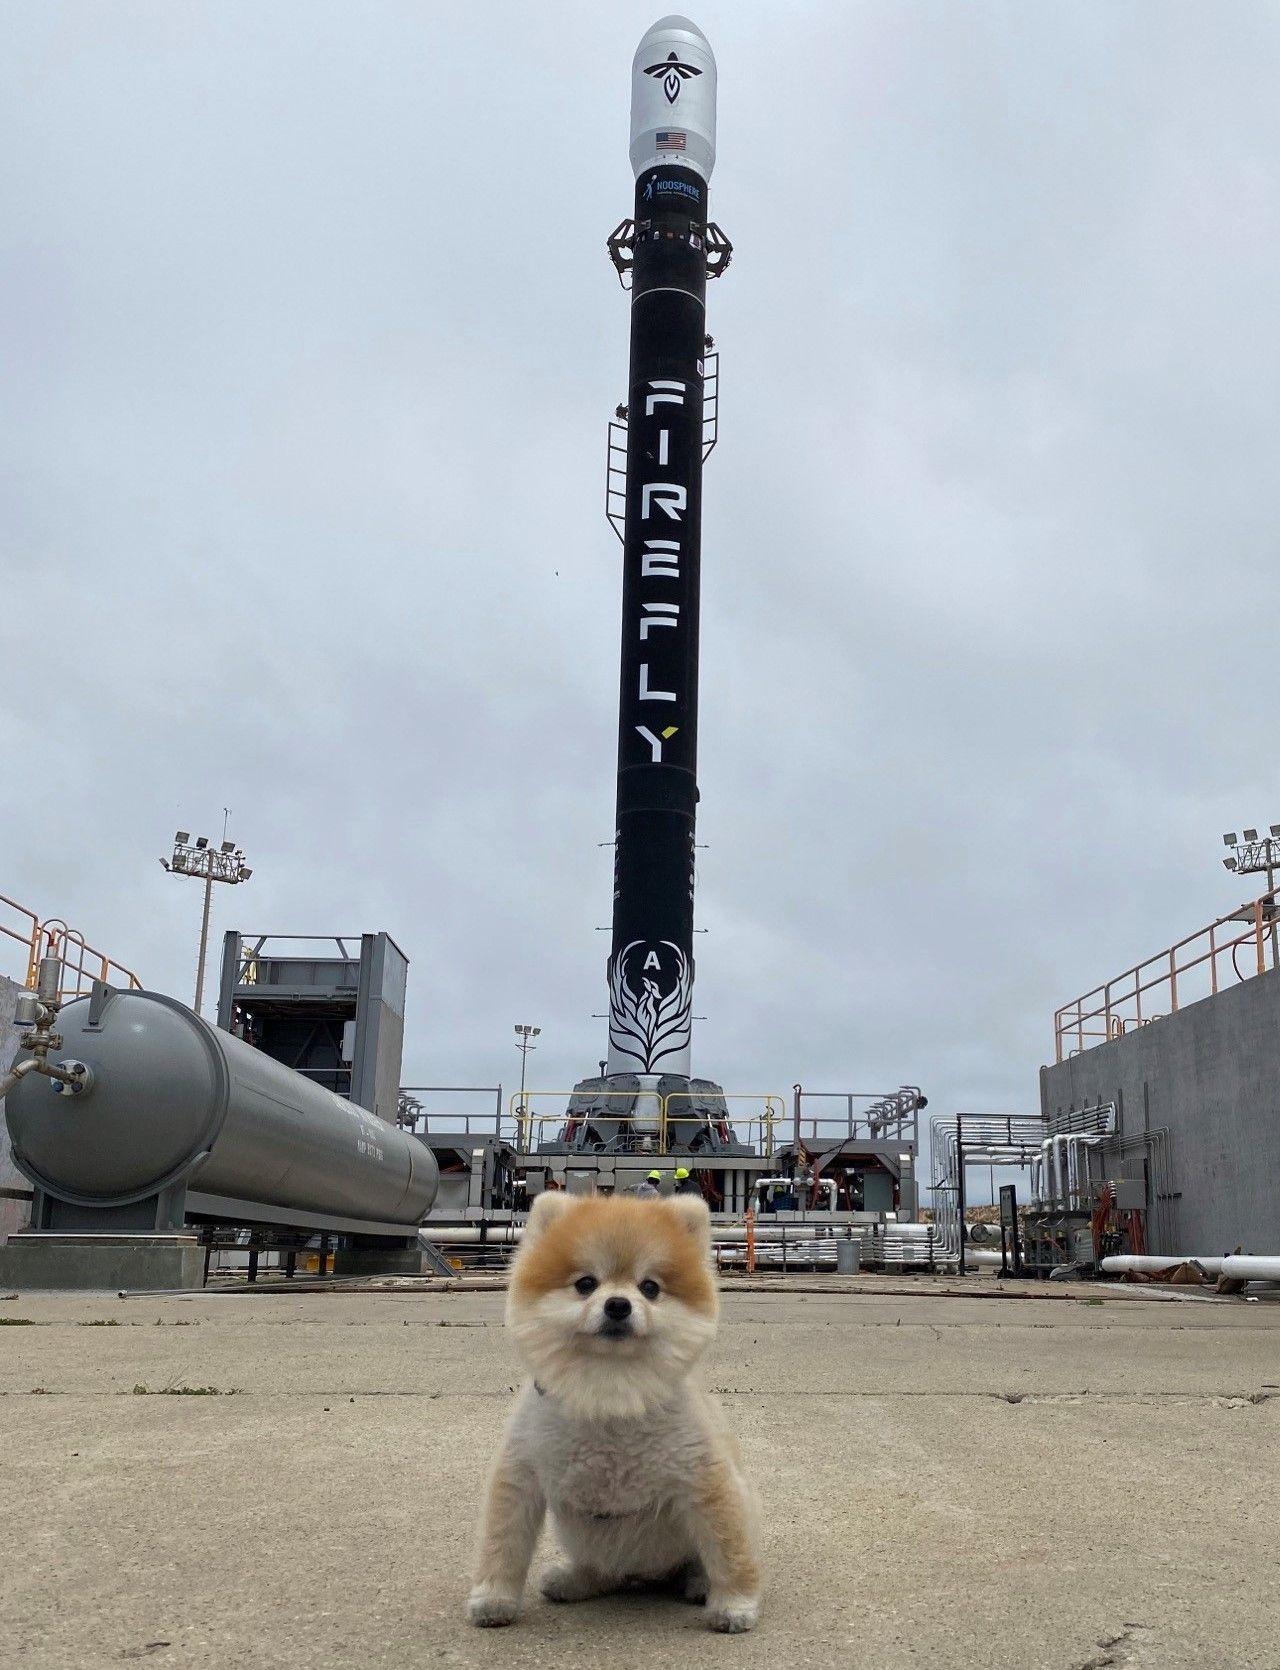 Le lanceur Alpha et sa mascotte Nala